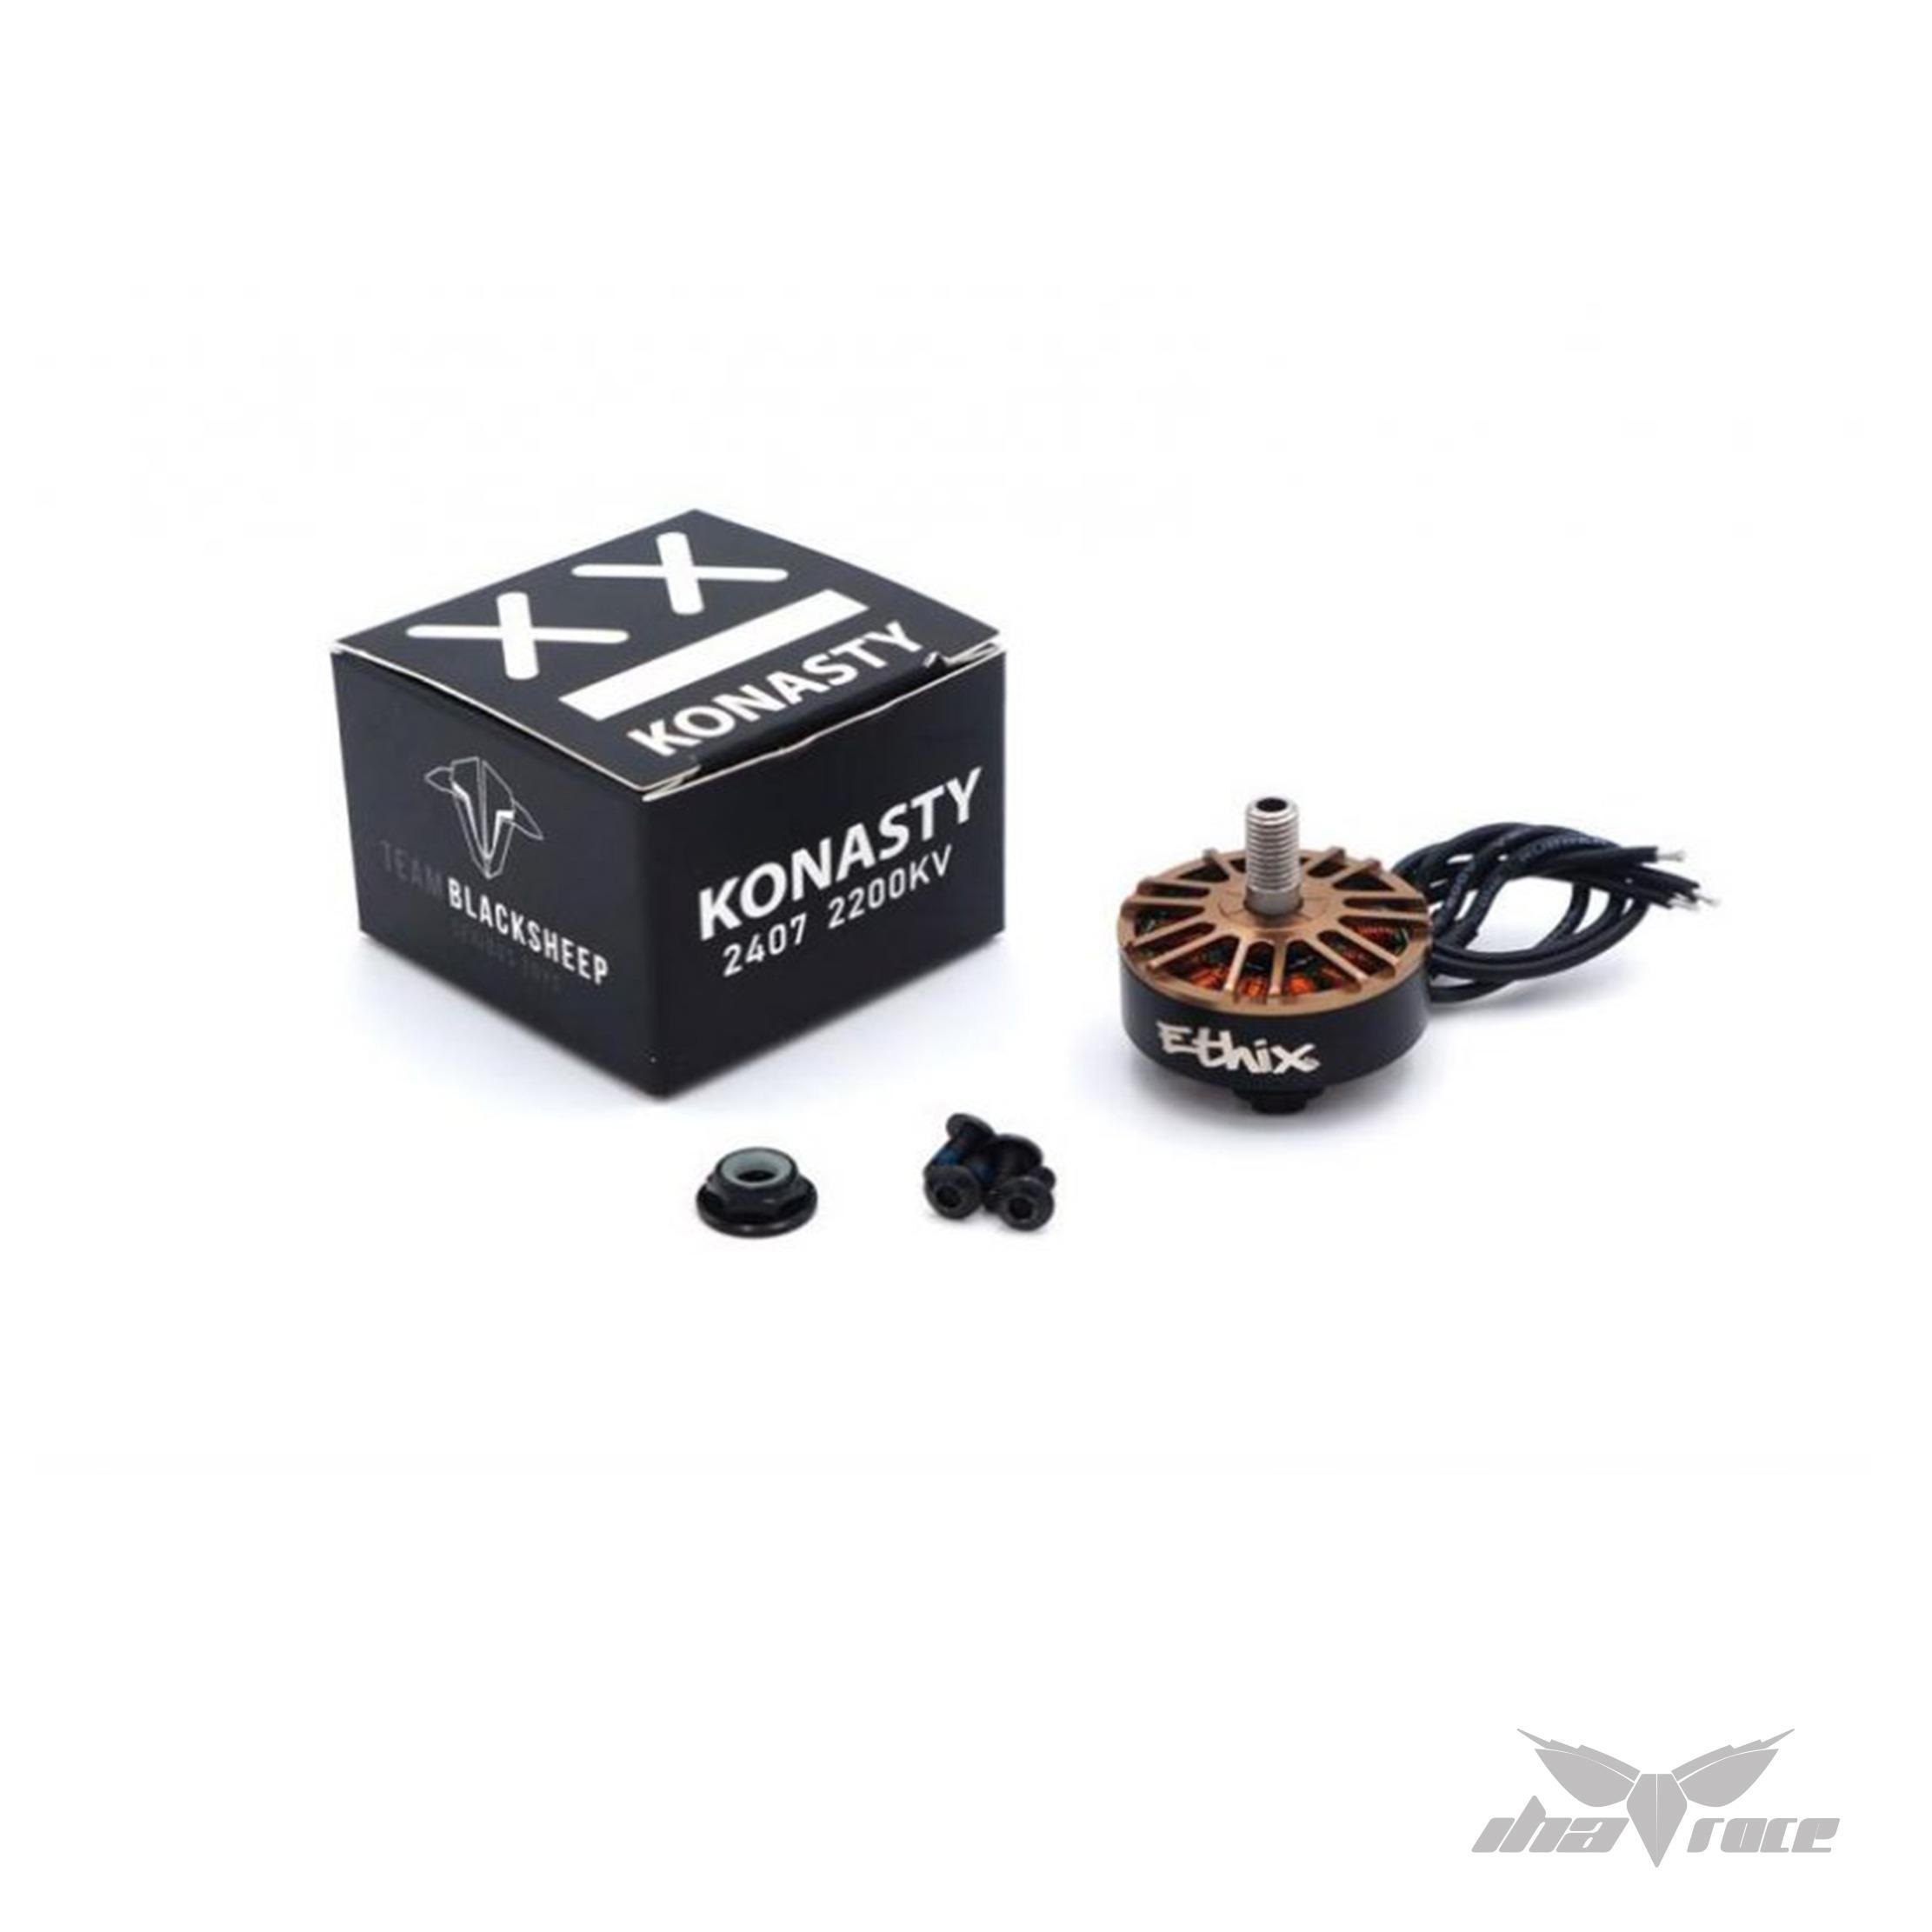 Motor TBS Ethix KONASTY 2407 2200kv